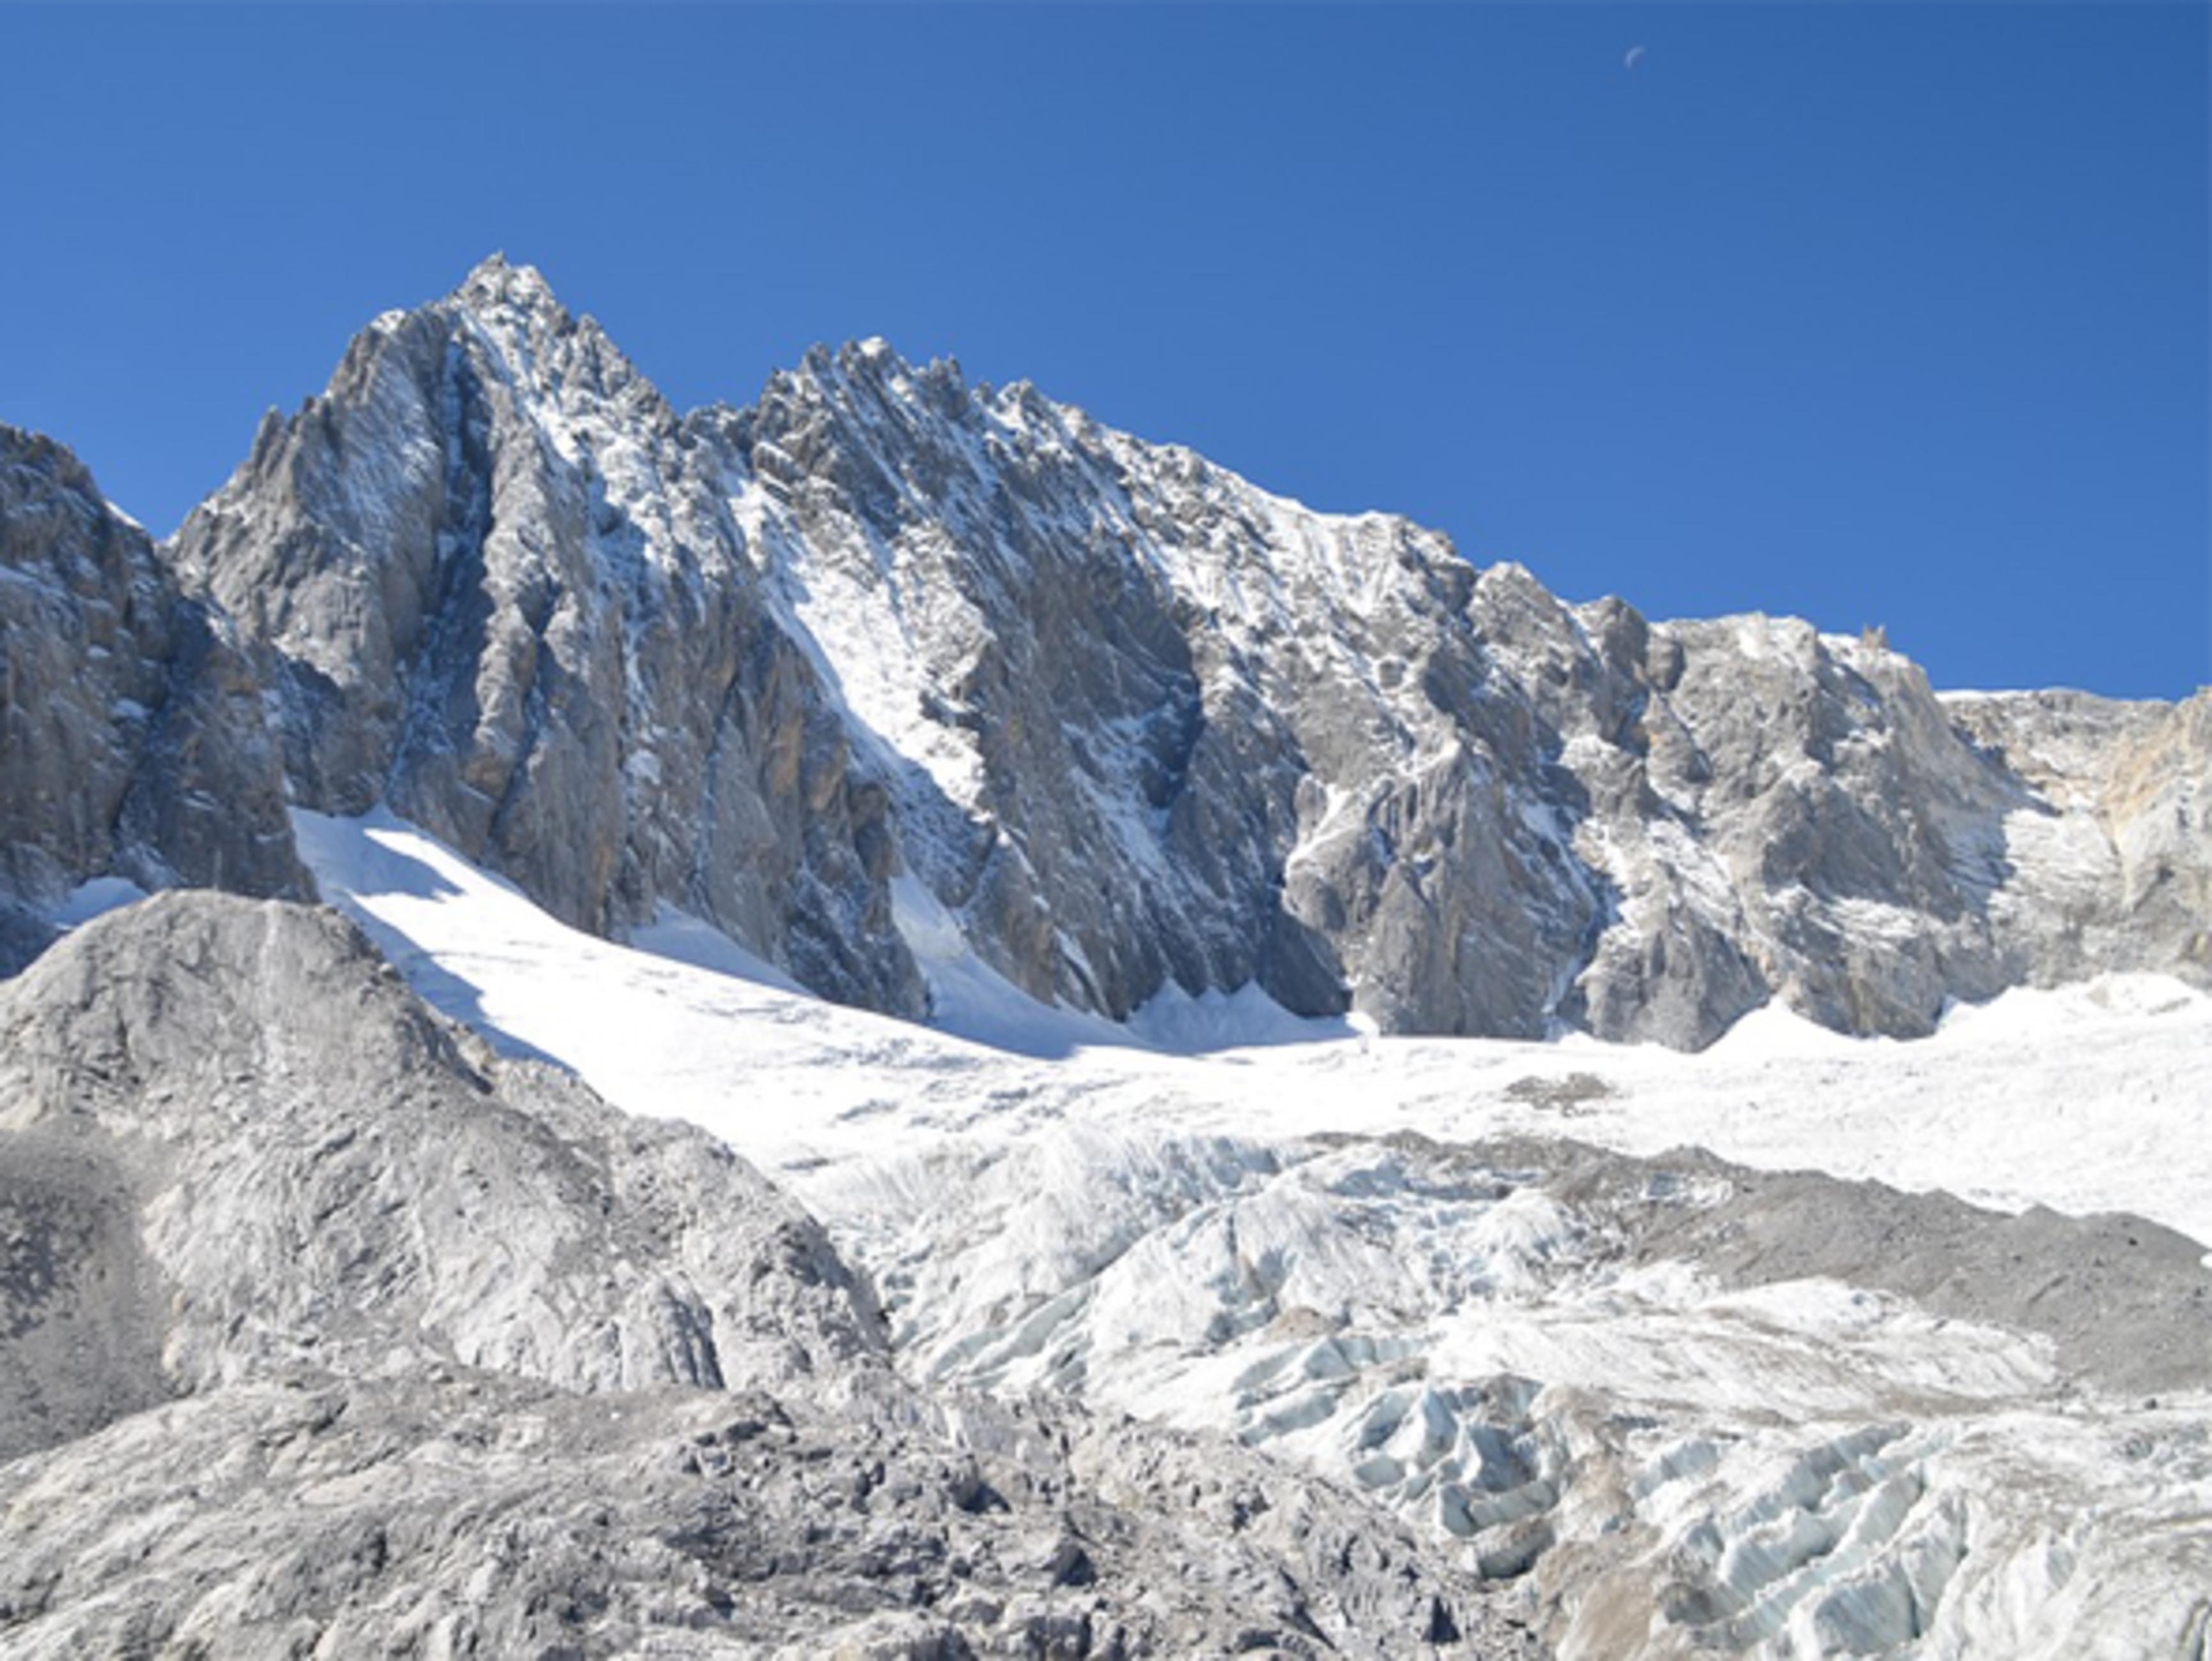 """เที่ยวคุนหมิง เยือนดินแดน แห่งความมหัศจรรย์ """"ภูเขาหิมะเจี้ยวจื่อ"""" ขอพรสิ่งศักดิ์สิทธิ์ เขาซีซาน 4วัน 2คืน"""